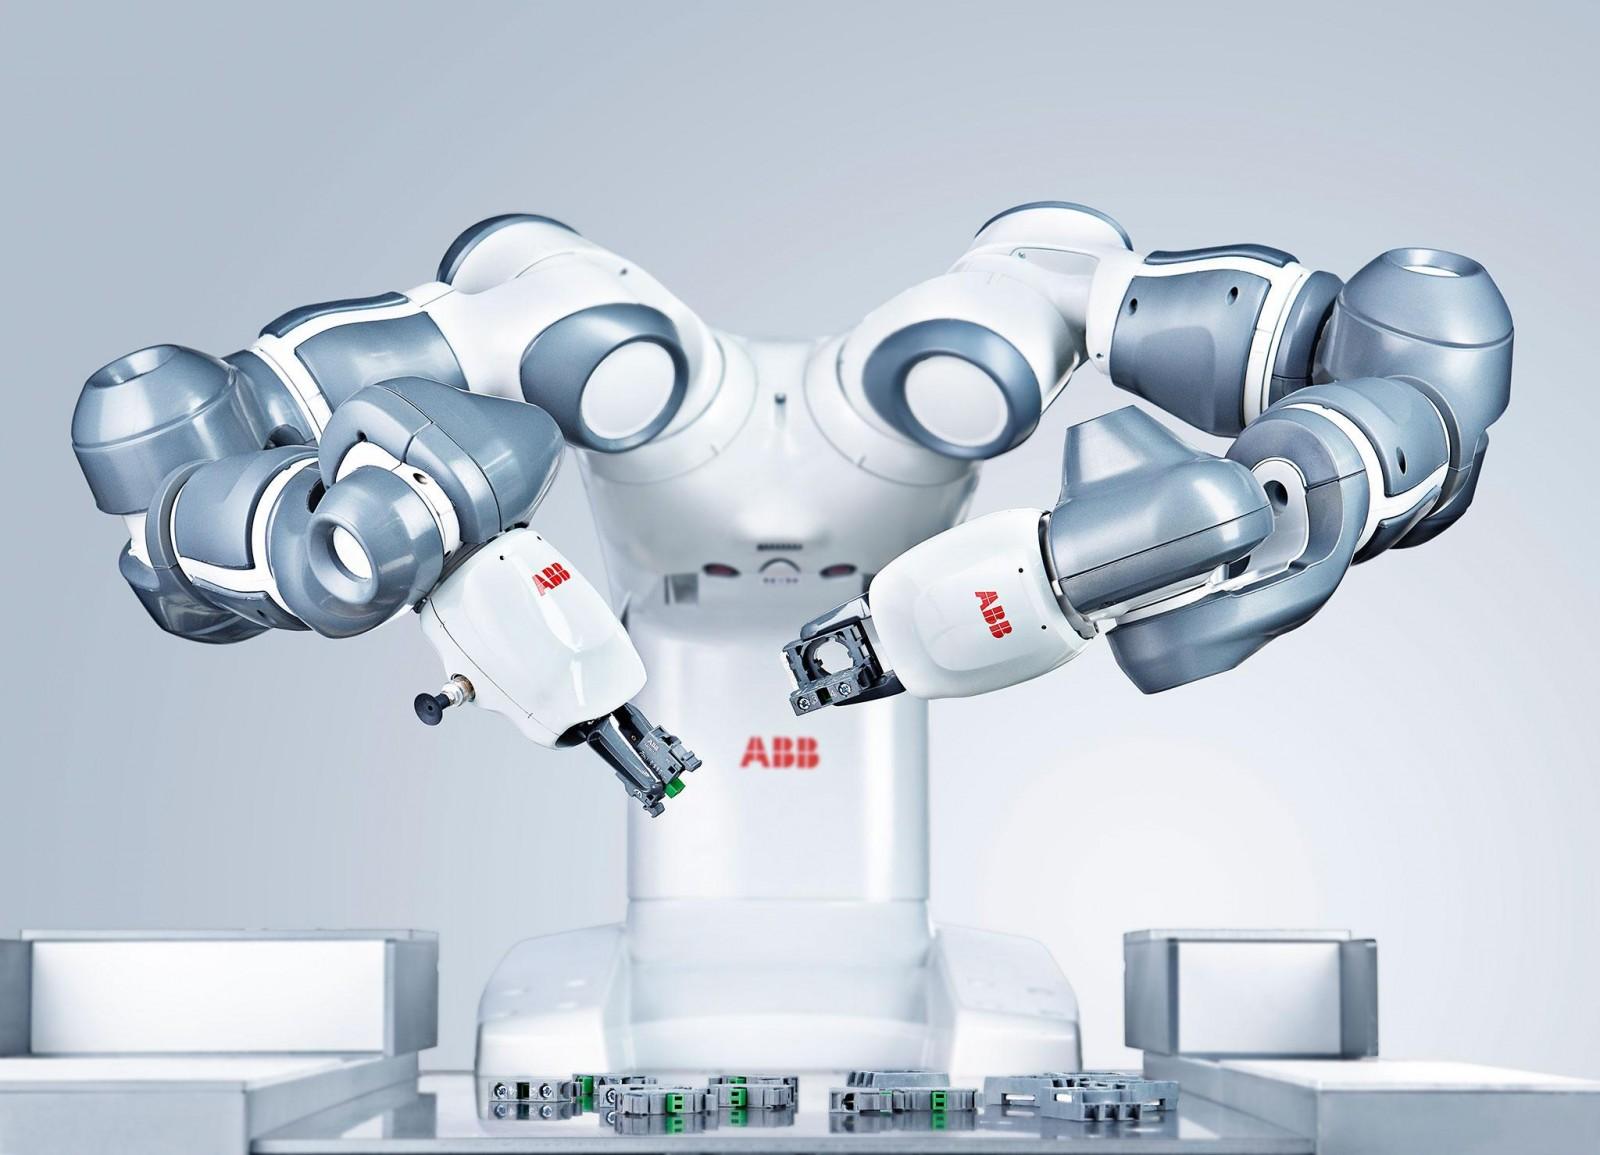 kereskedelmi robotok összeszerelése